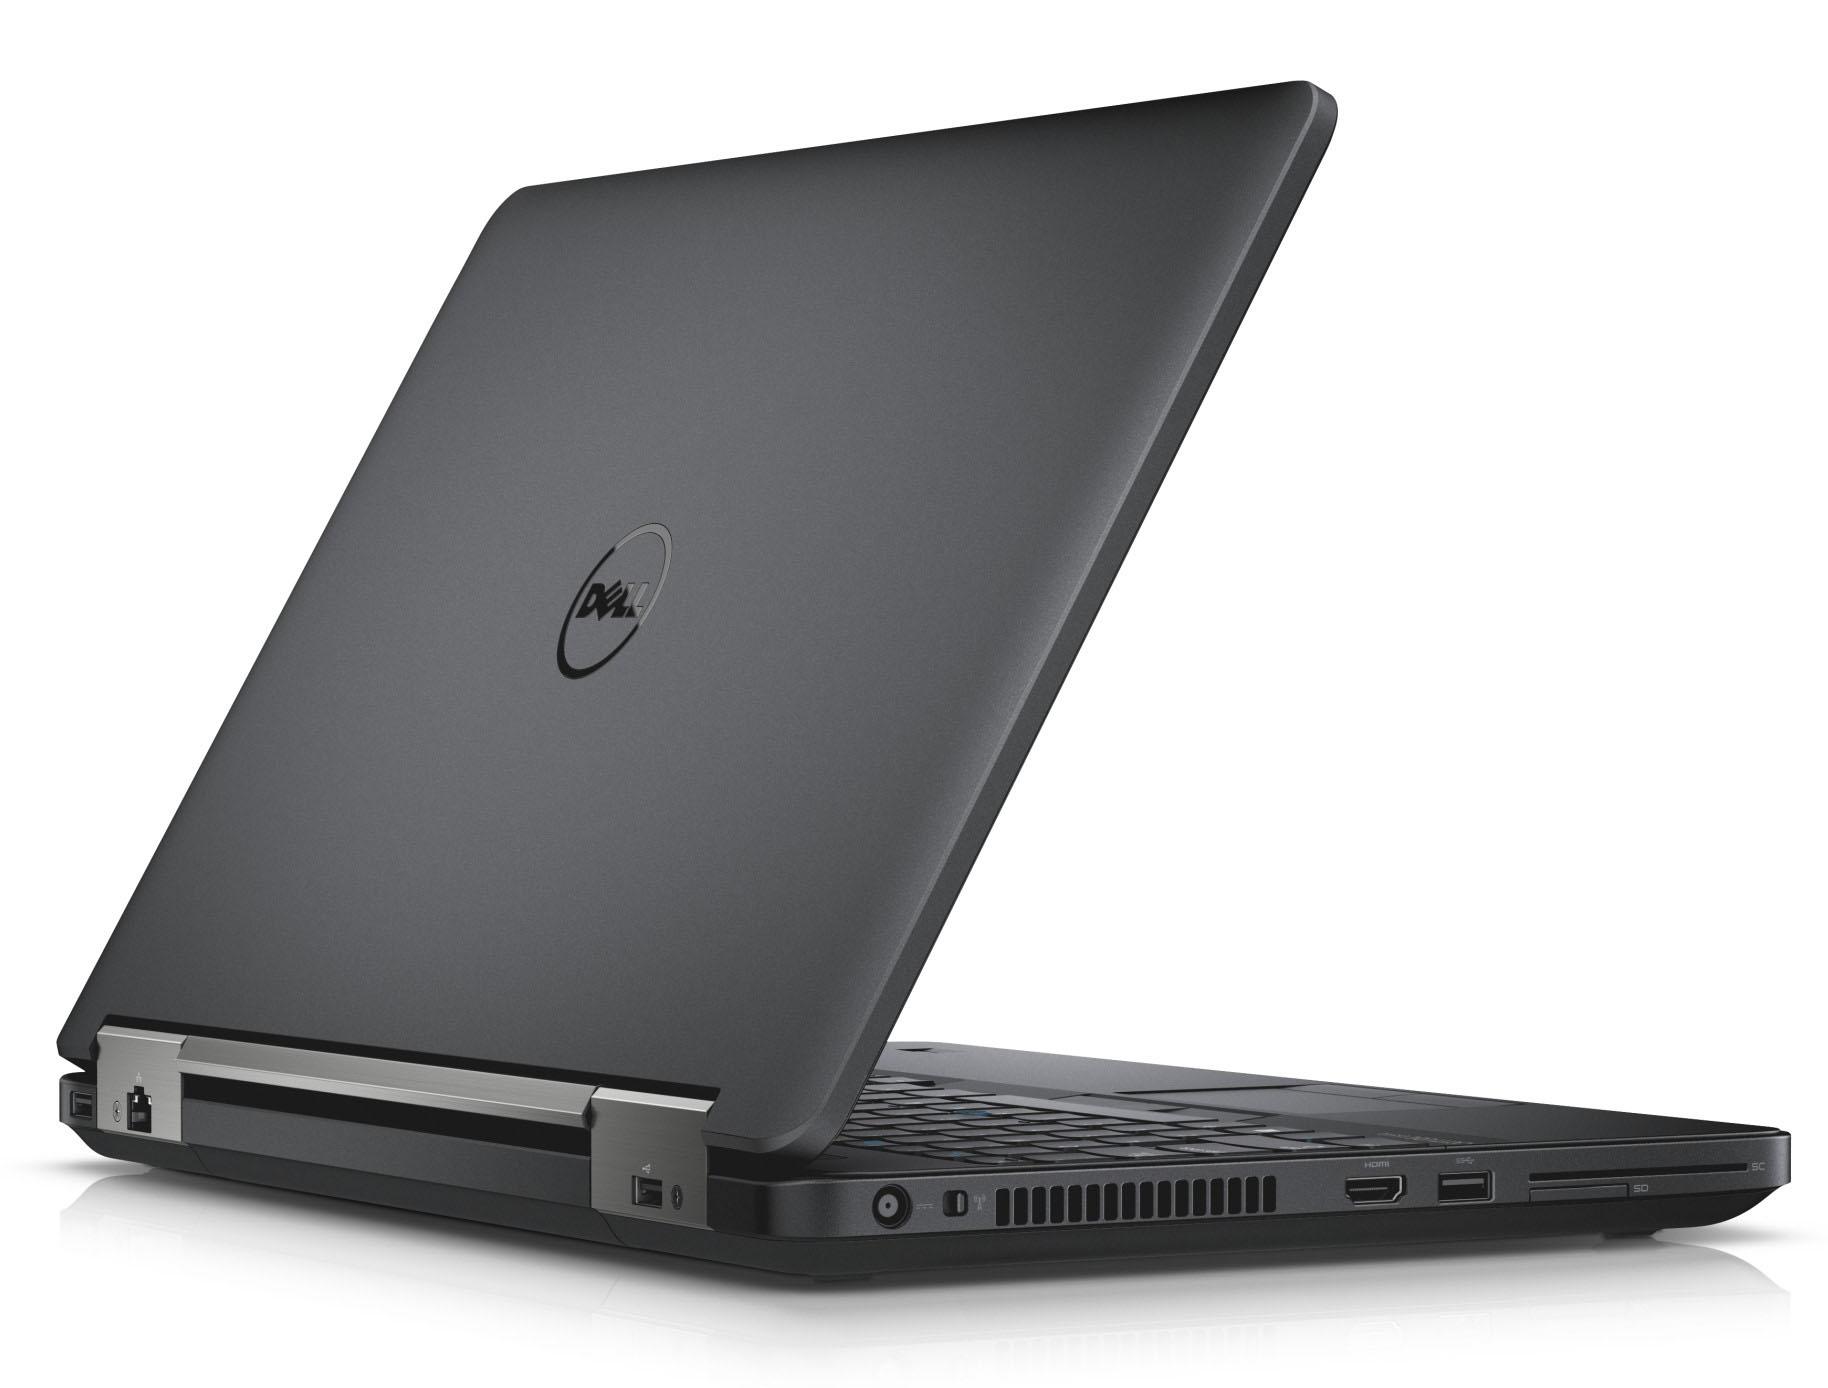 طراحی Dell Latitude E5540